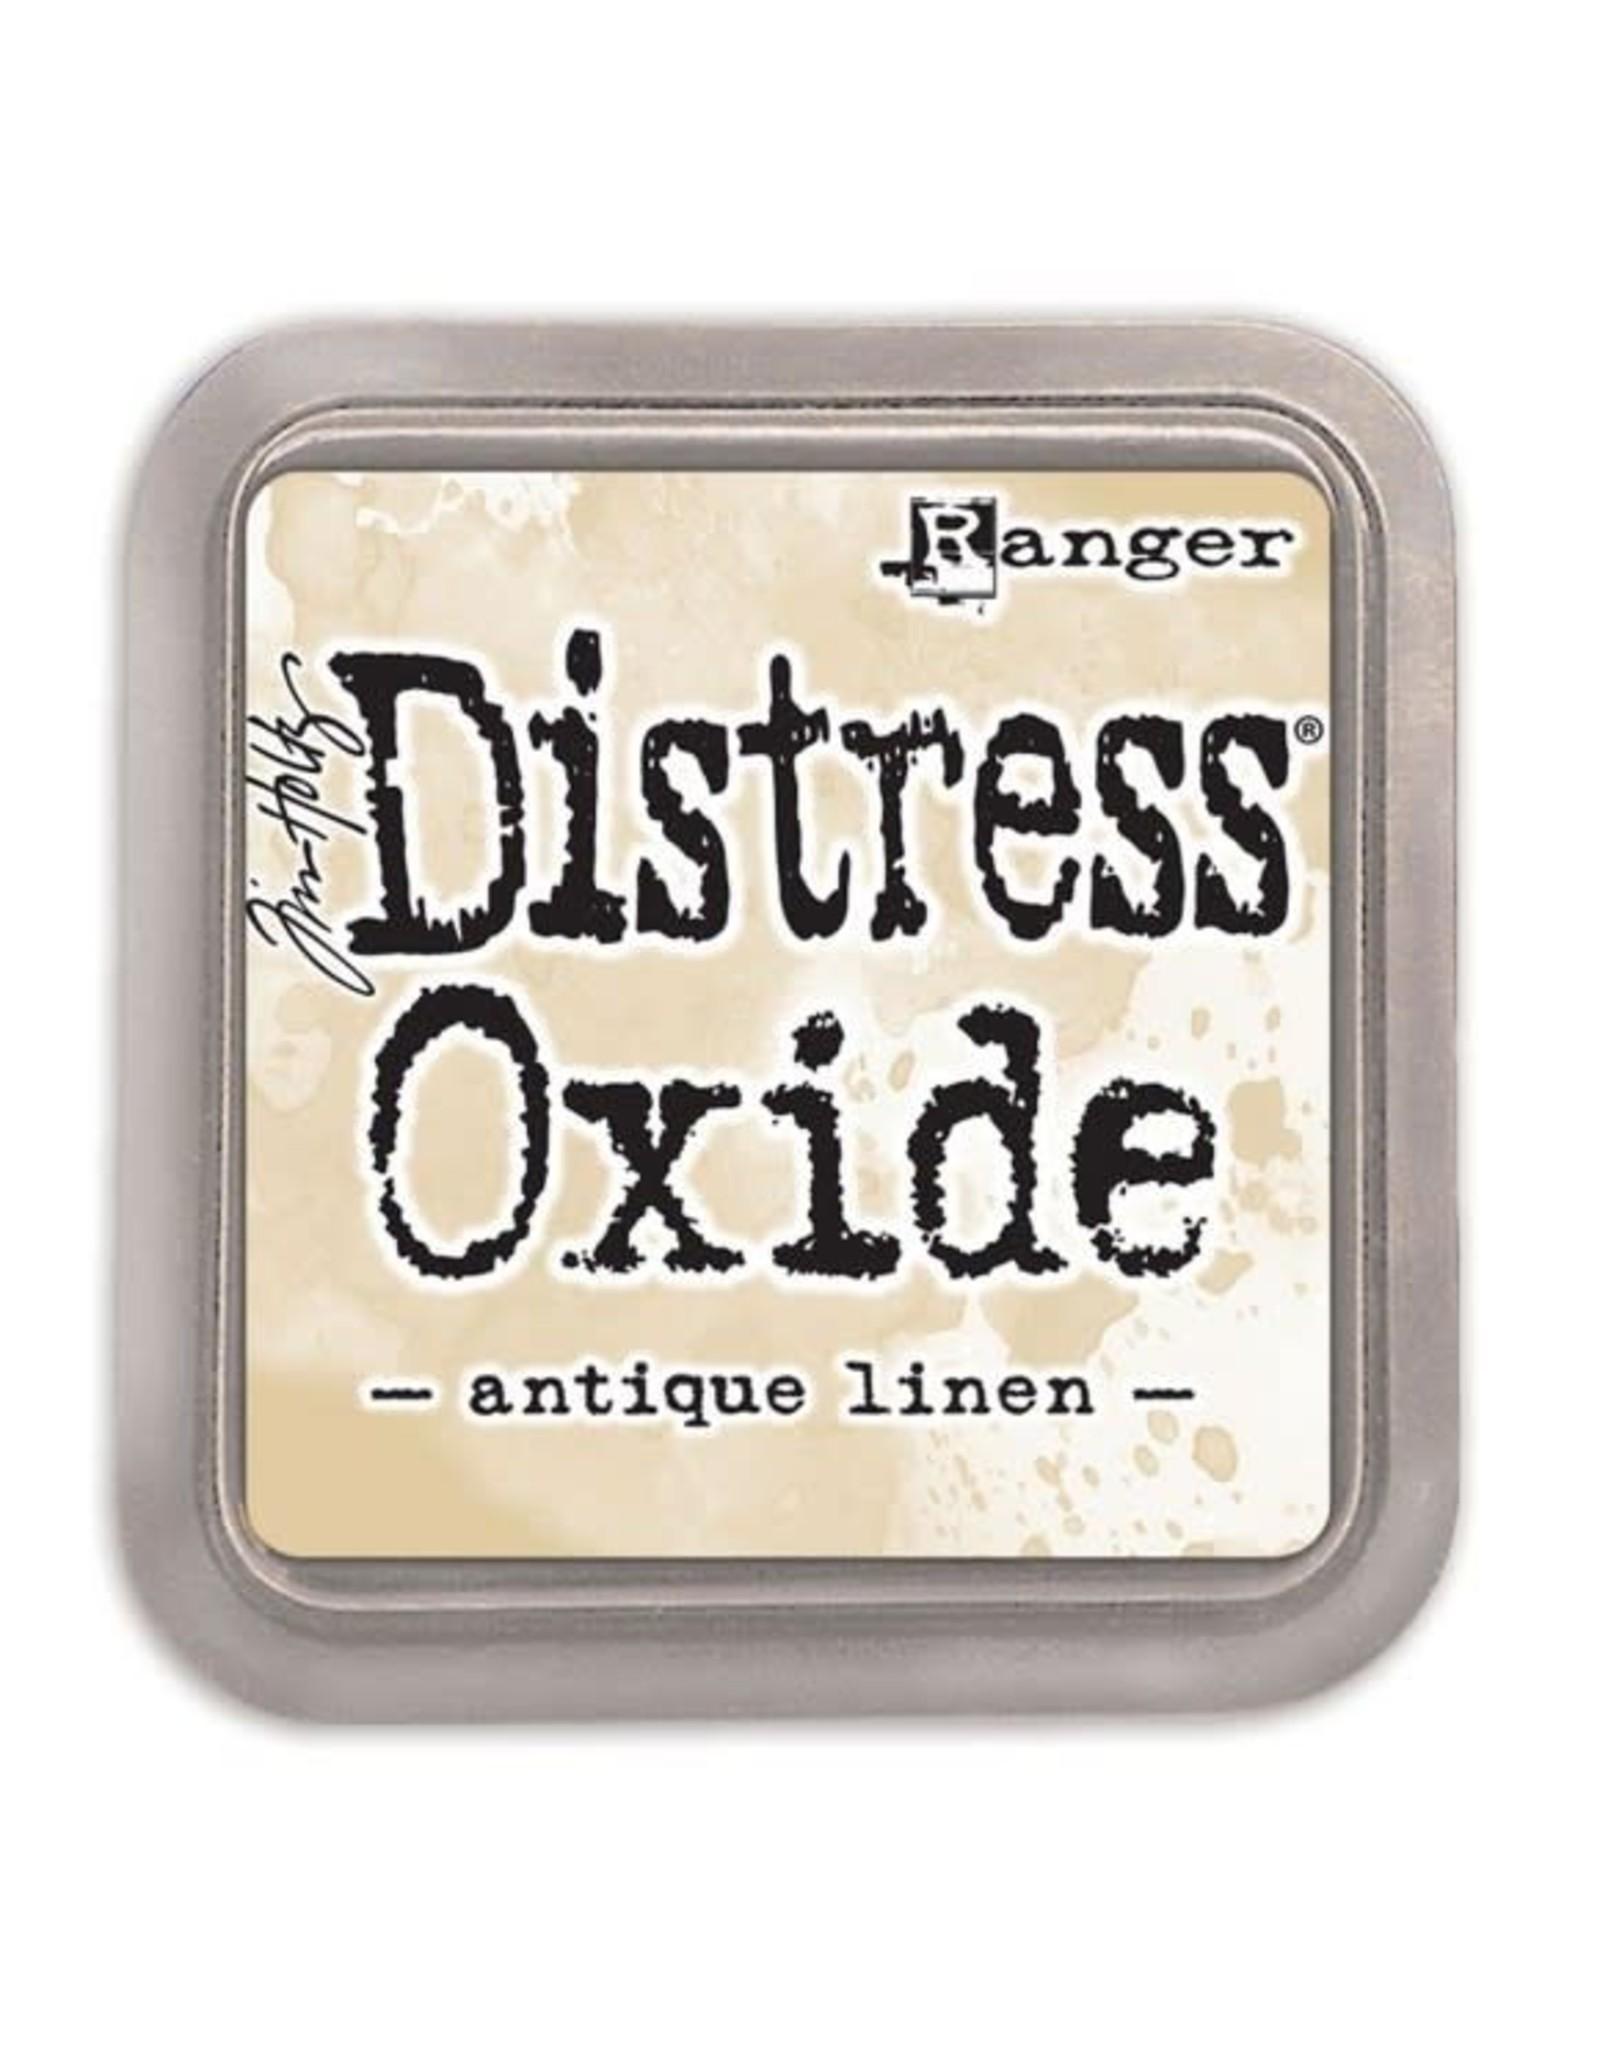 Ranger Distress Oxide Ranger Distress Oxide - antique linen